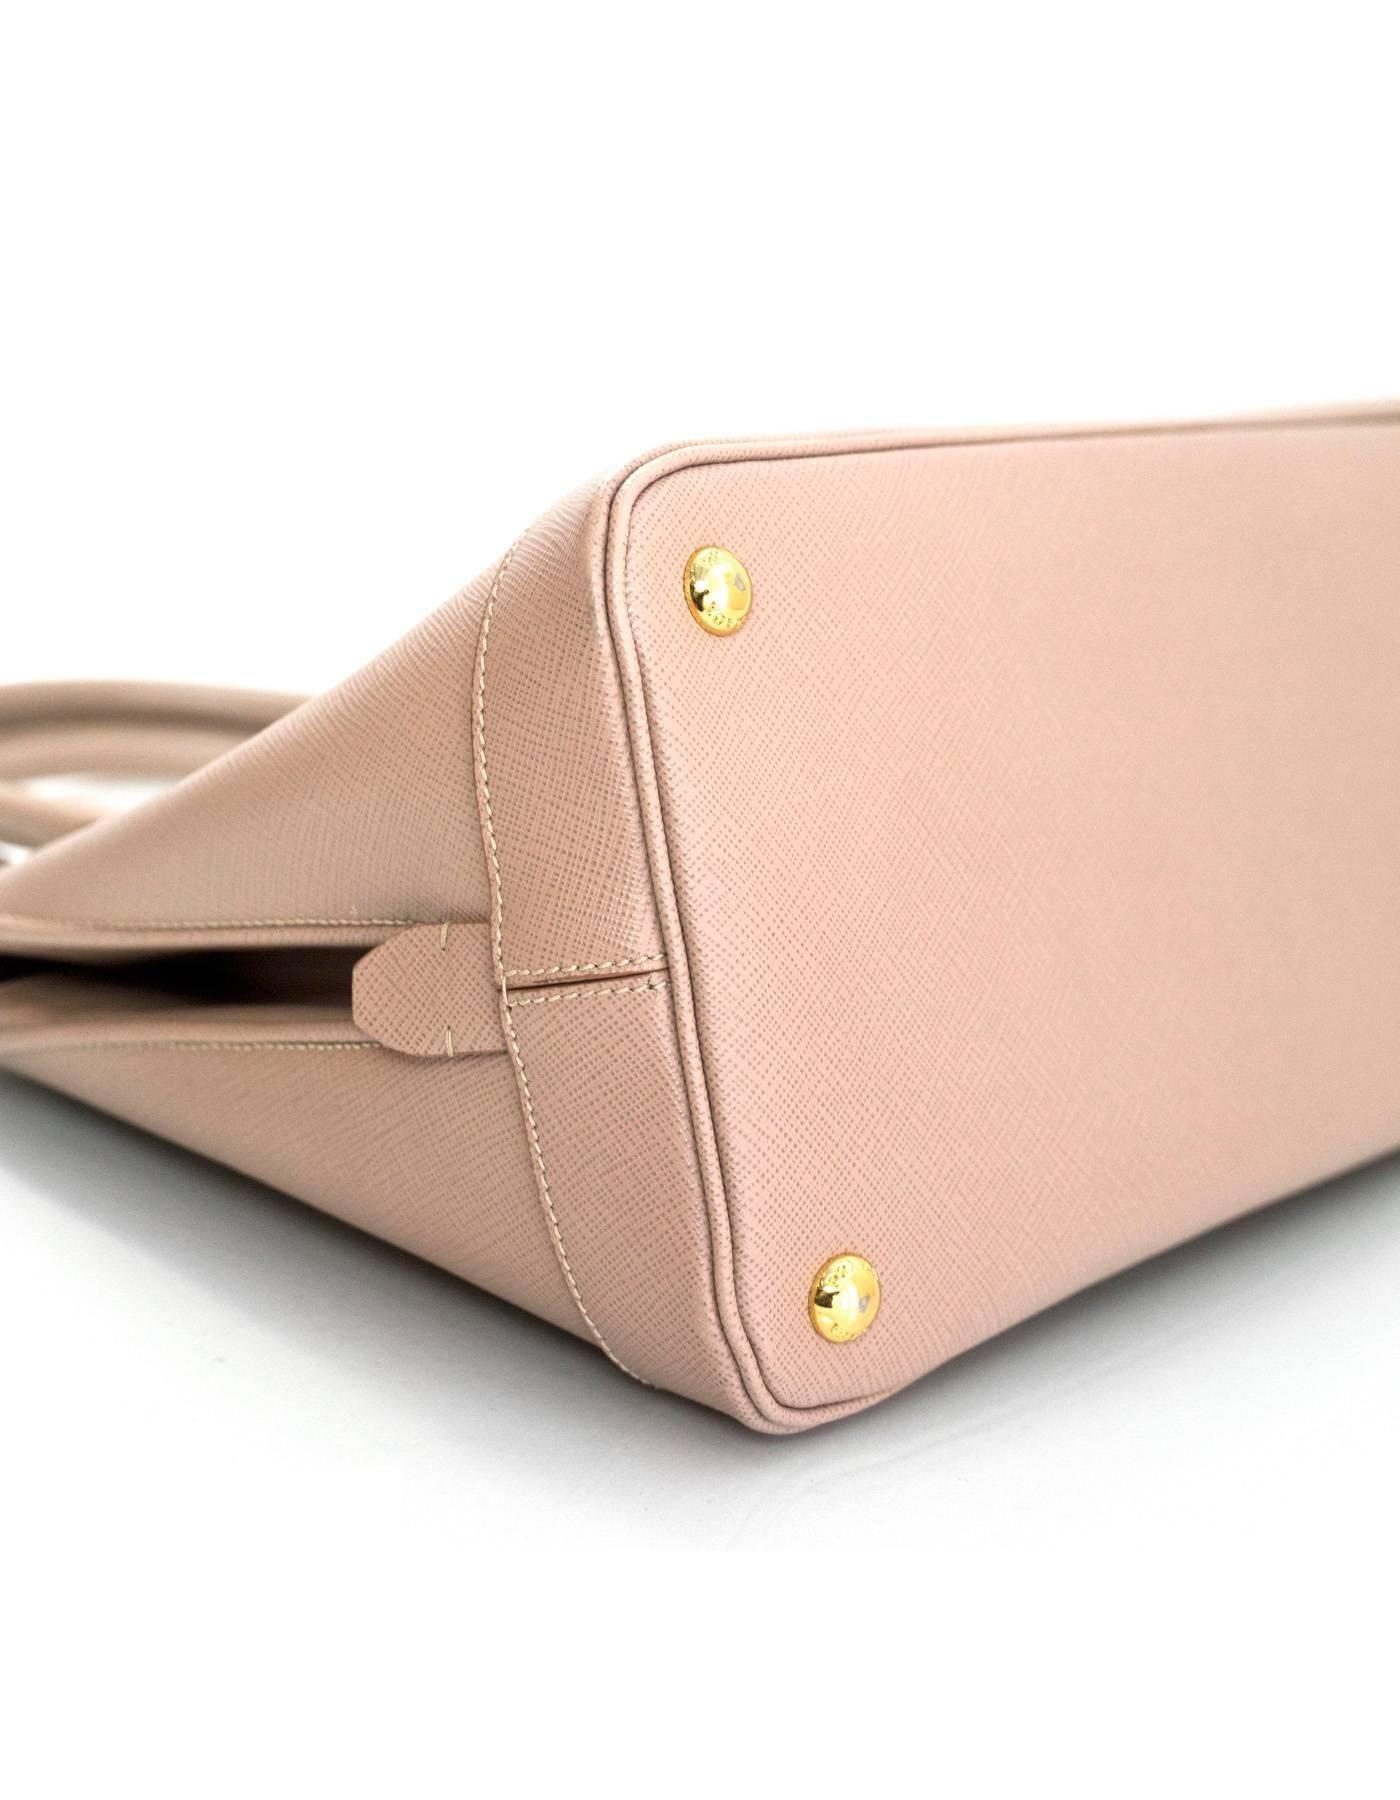 c80fdc08c48ed cheap womens prada nude saffiano leather promenade tote bag for sale 82b2f  360b5